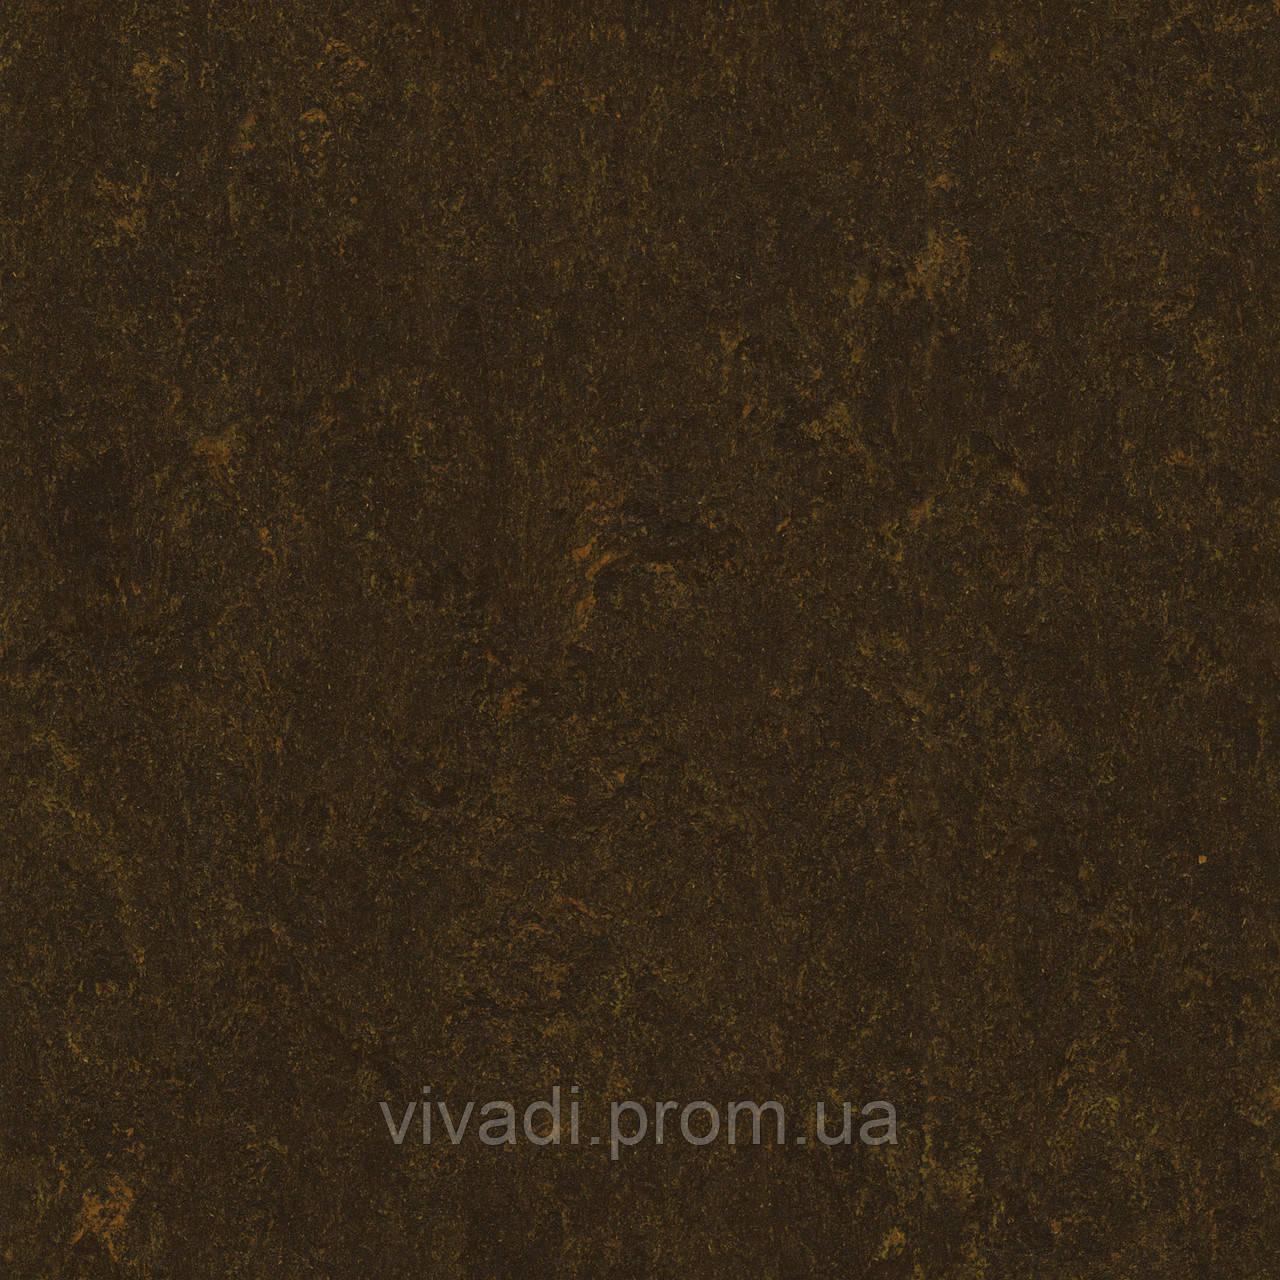 Натуральний лінолеум Marmorette PUR - колір 125-108